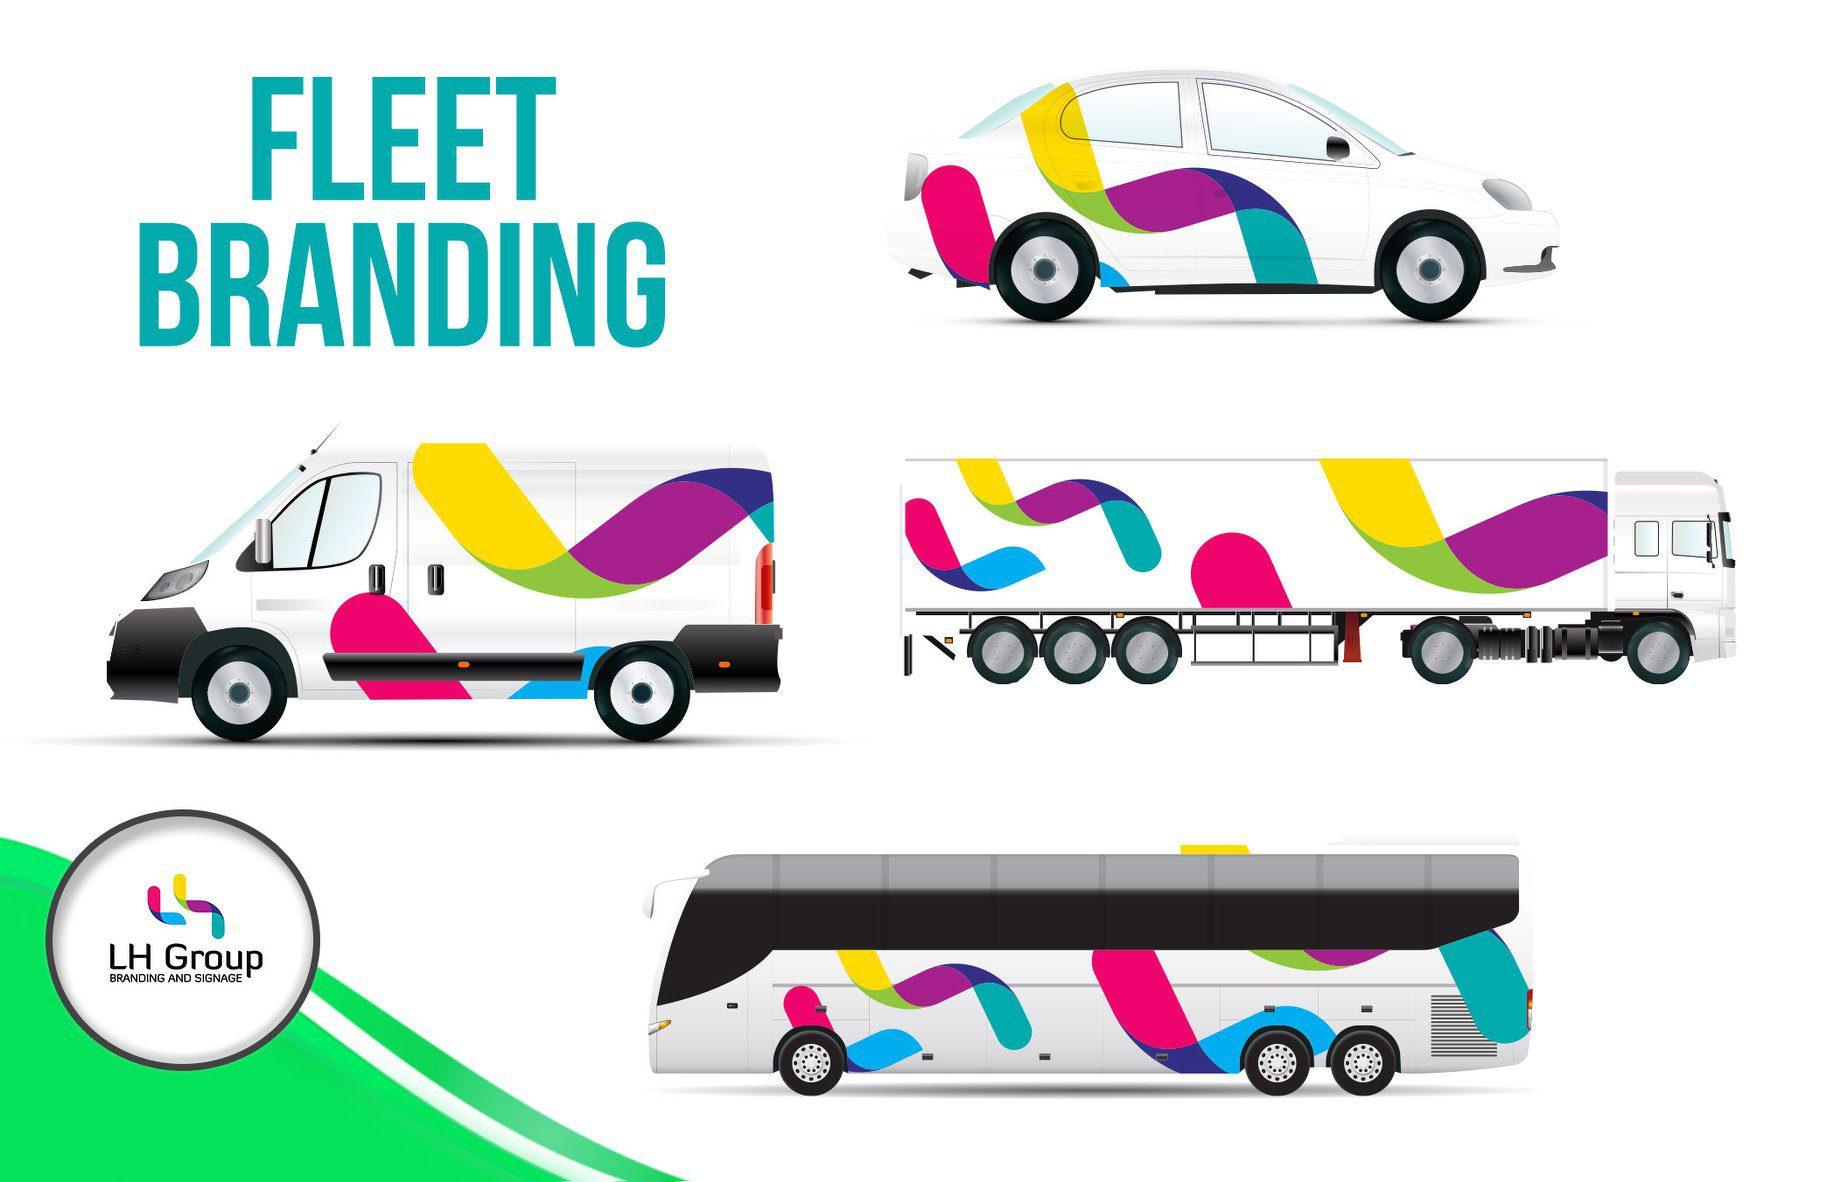 fleet branding